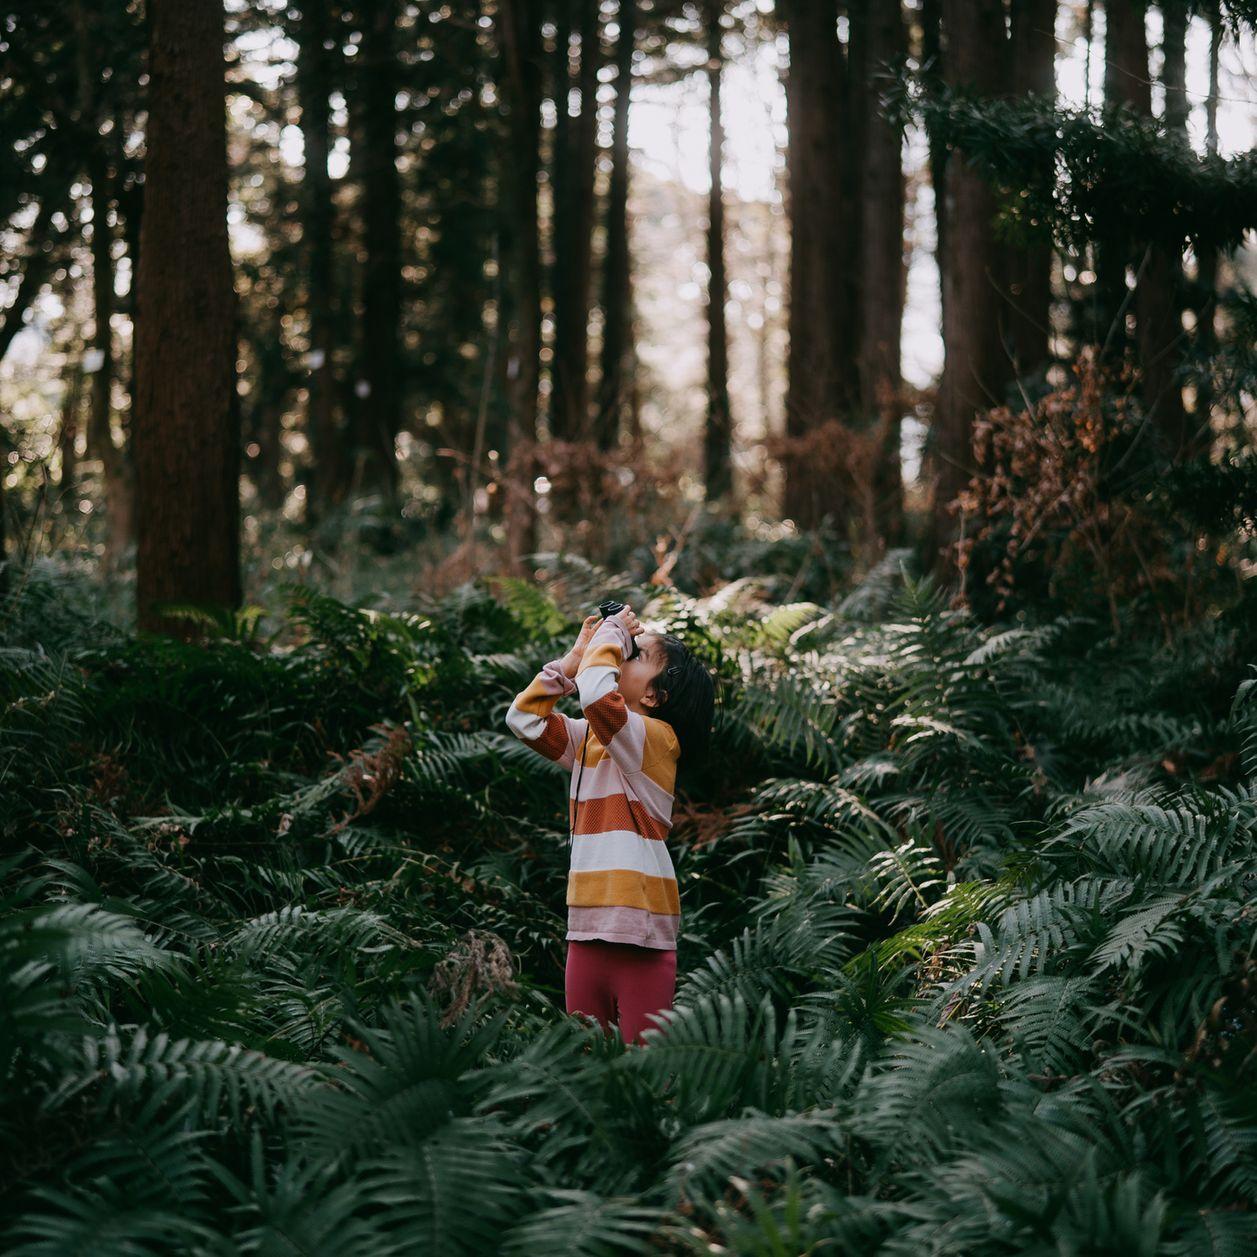 À 3 ans et atteint d'autisme un petit garçon disparaît dans la forêt